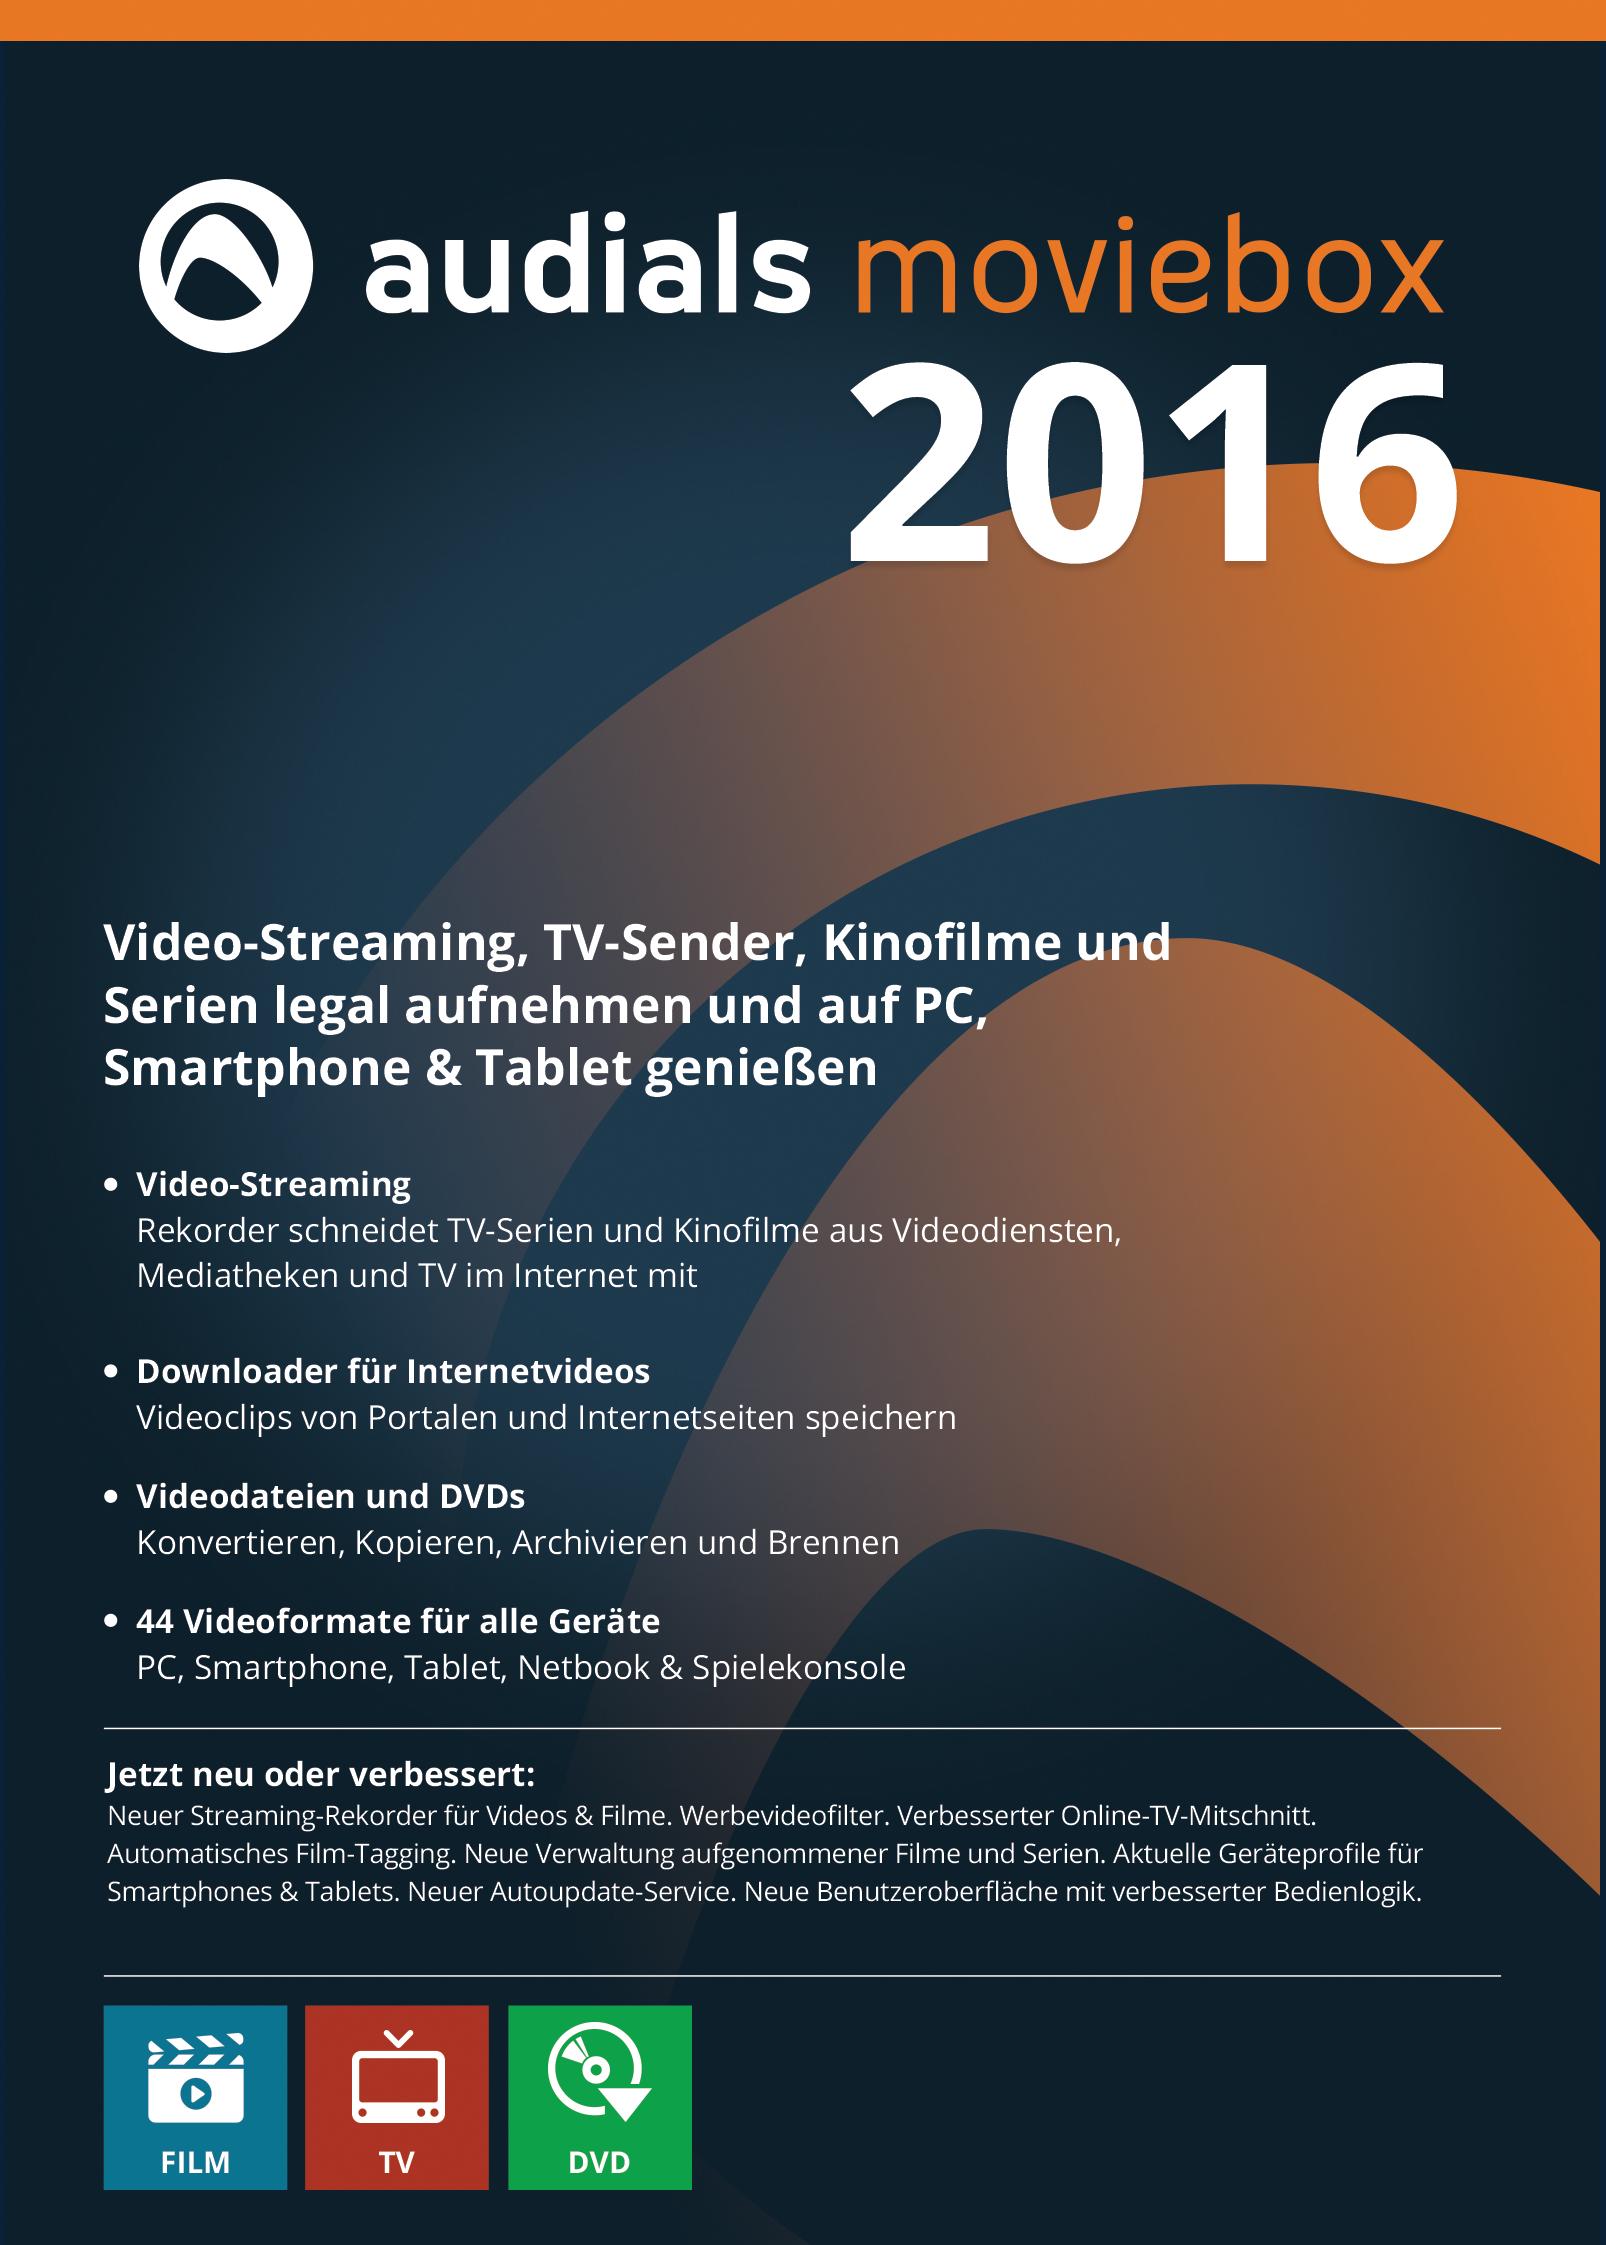 audials-moviebox-2016-das-tool-zum-kleinen-preis-fur-fans-von-video-unterhaltung-aus-dem-web-downloa